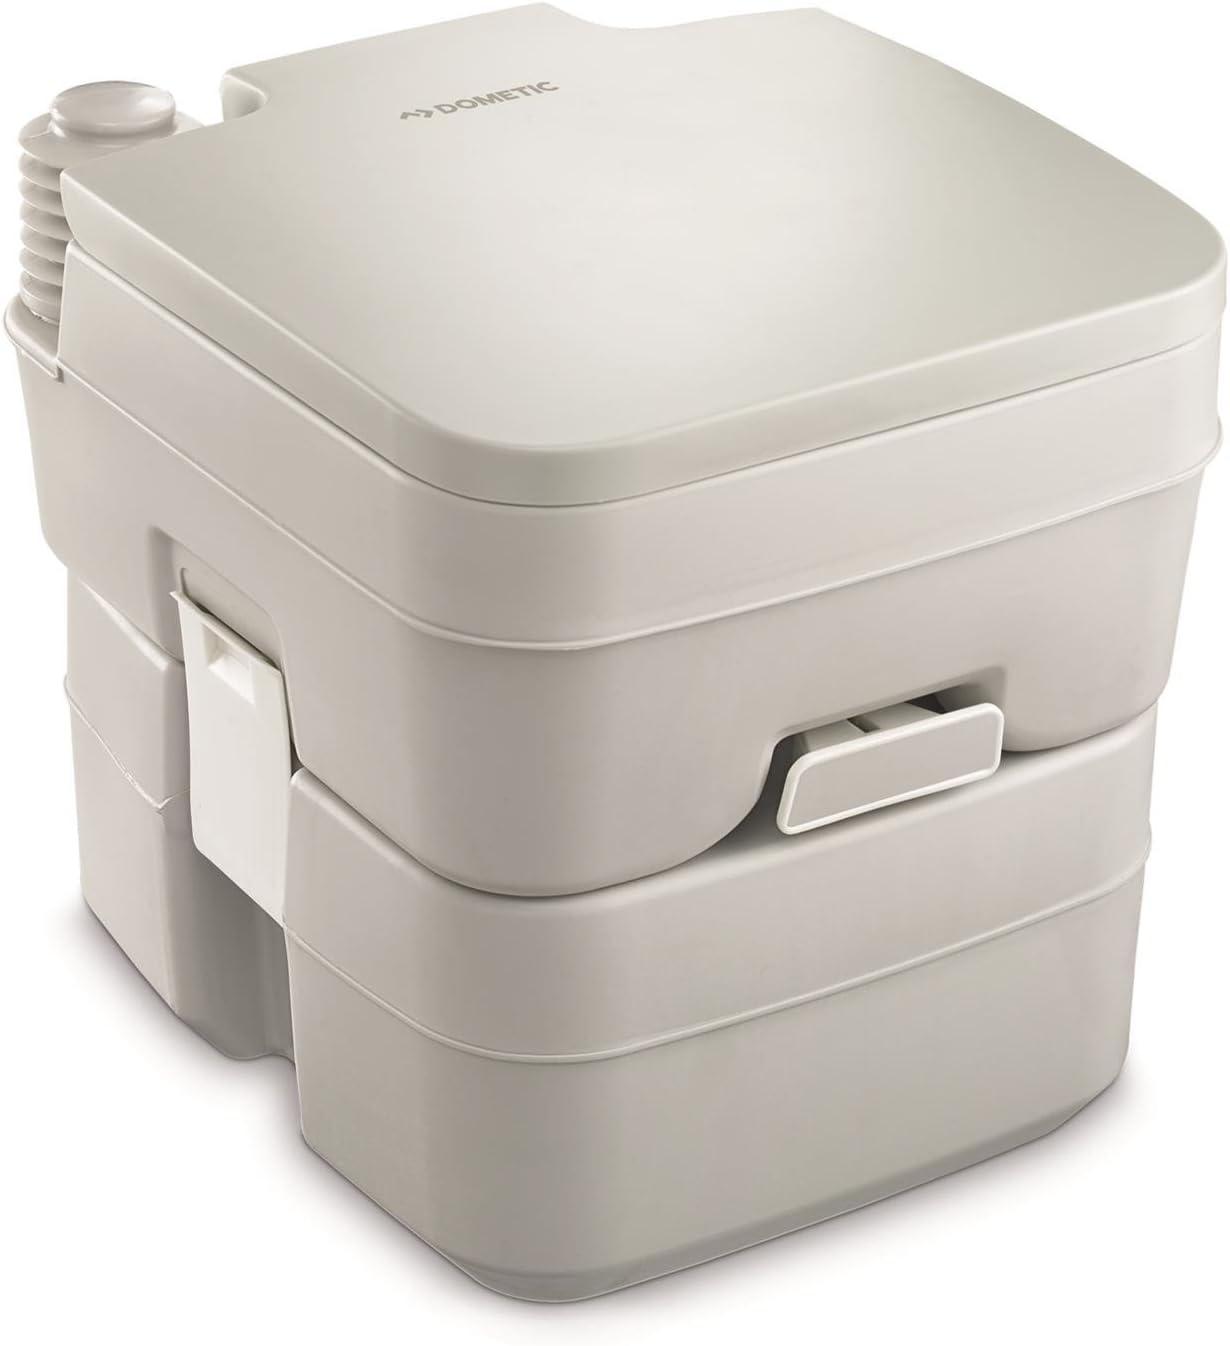 Dometic 9108557677 Tragbare Toilette Grau Auto